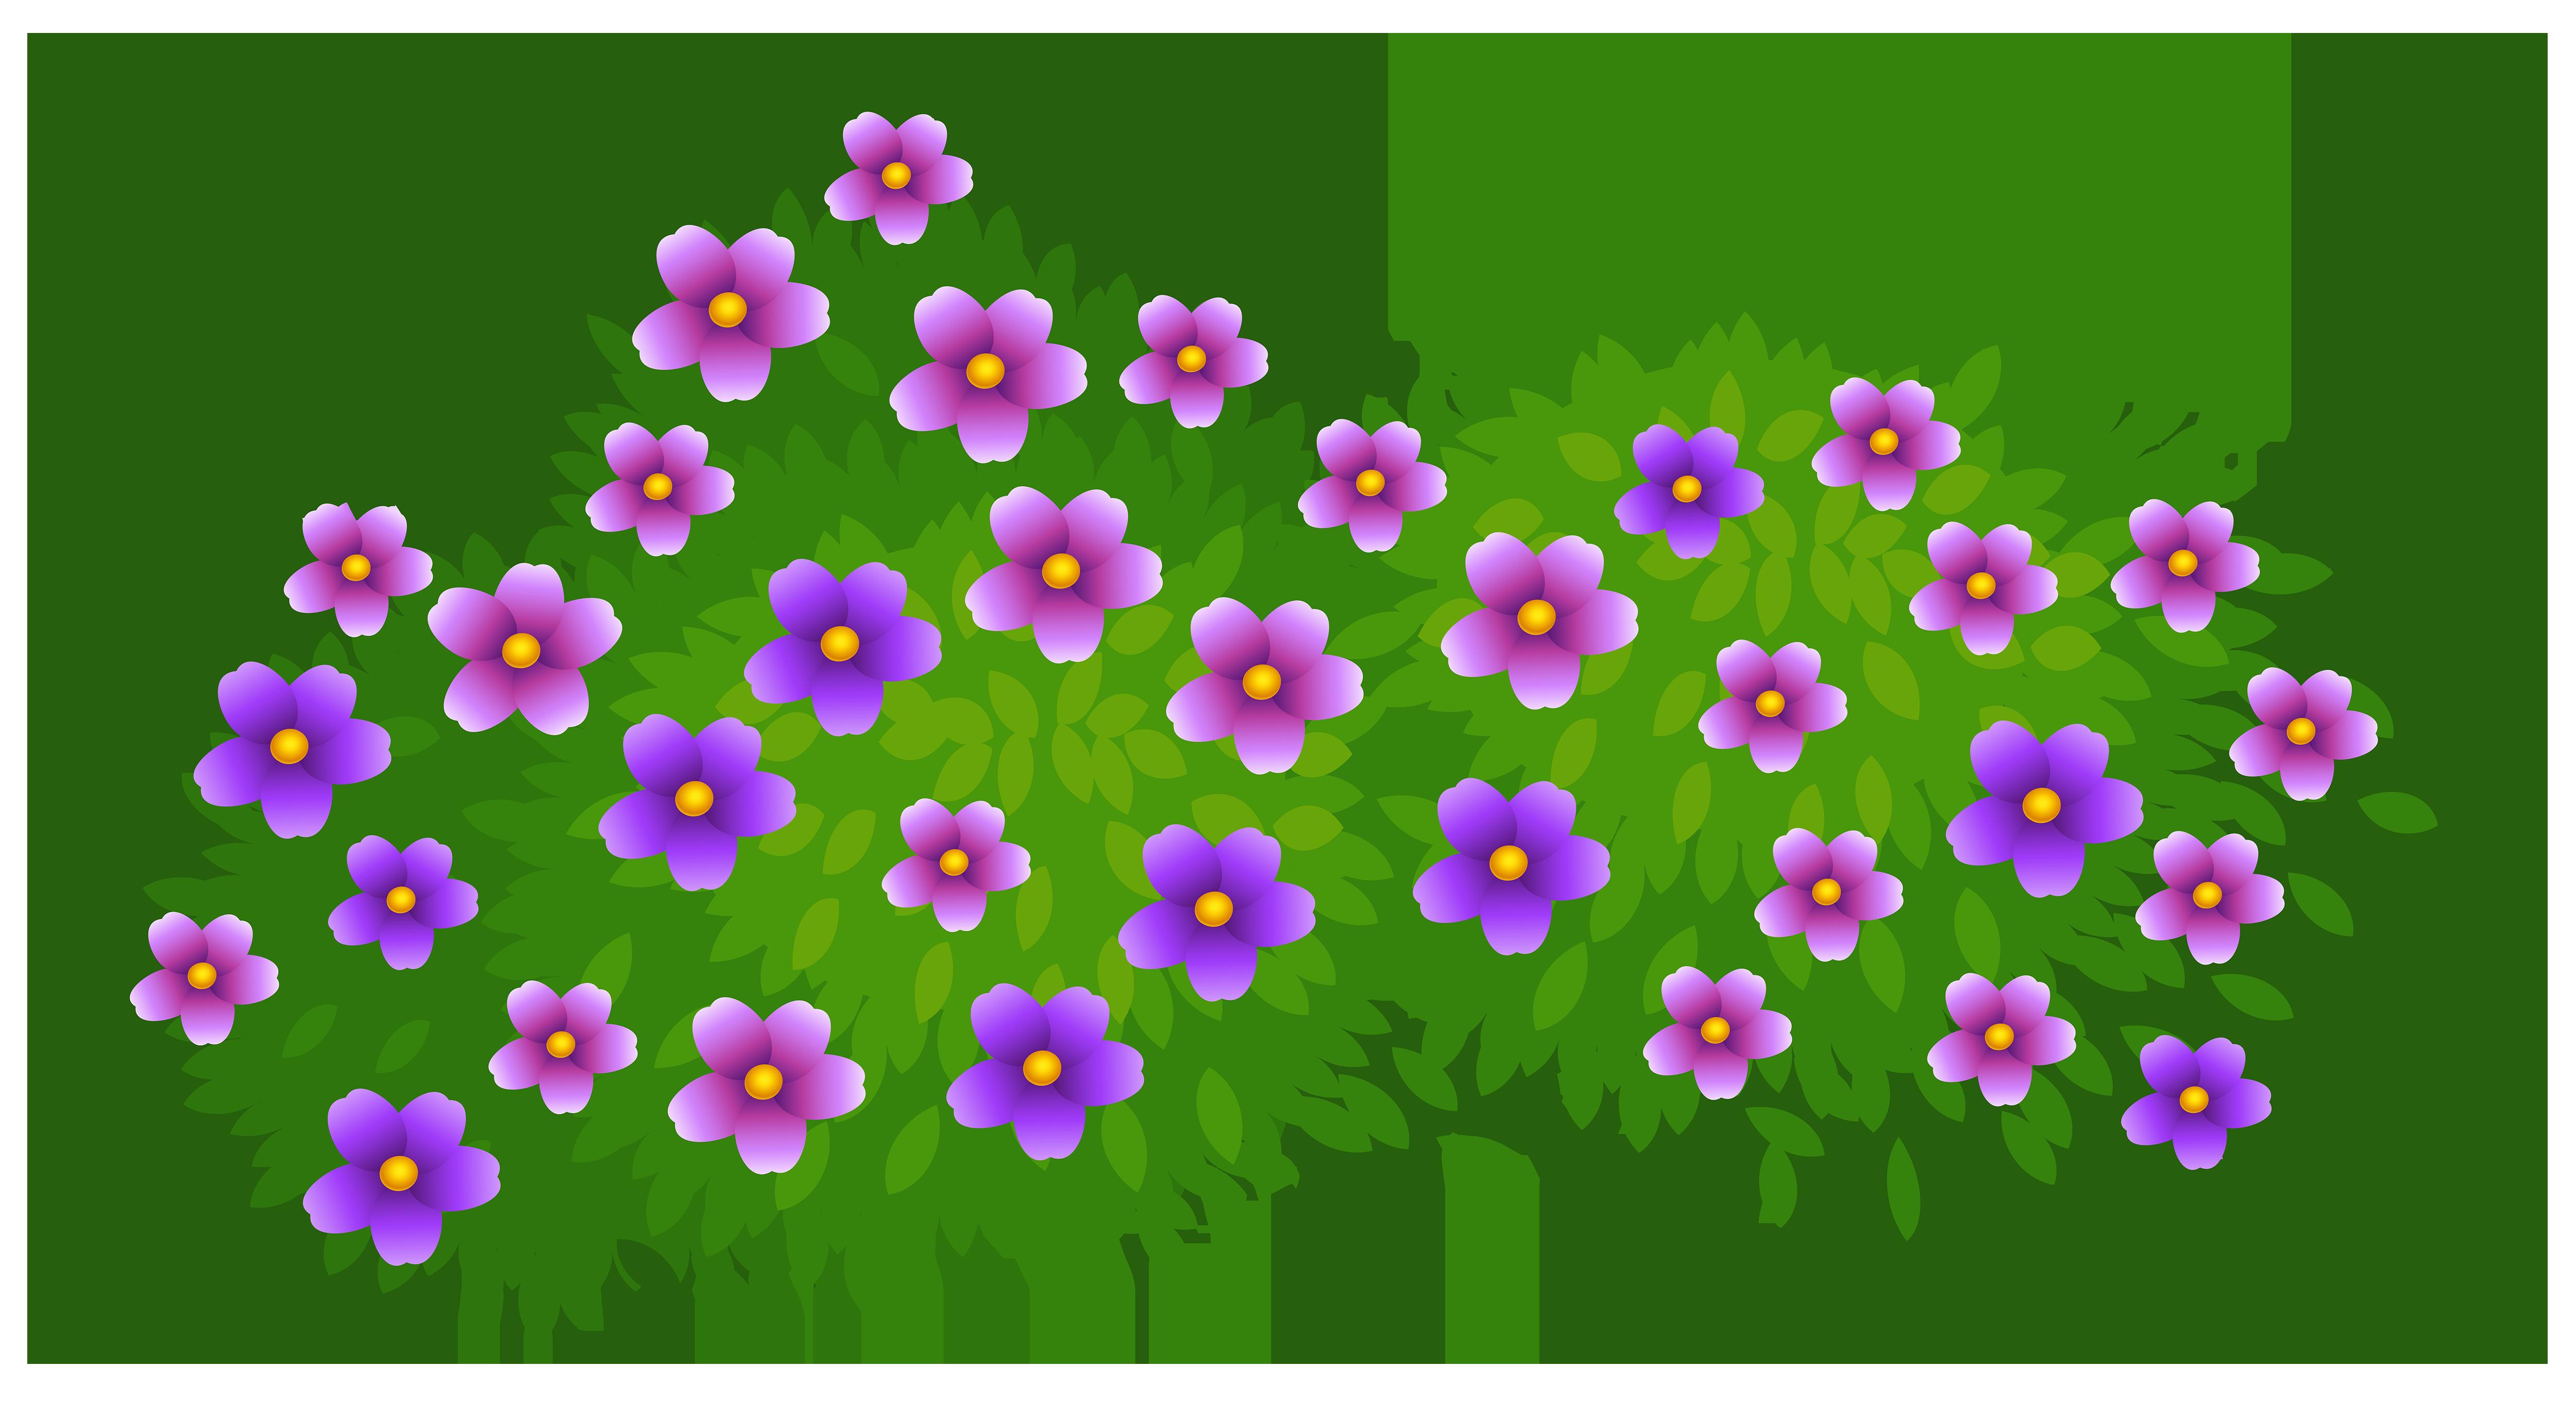 Bush clipart vector. Flowering shrubs clipground flower